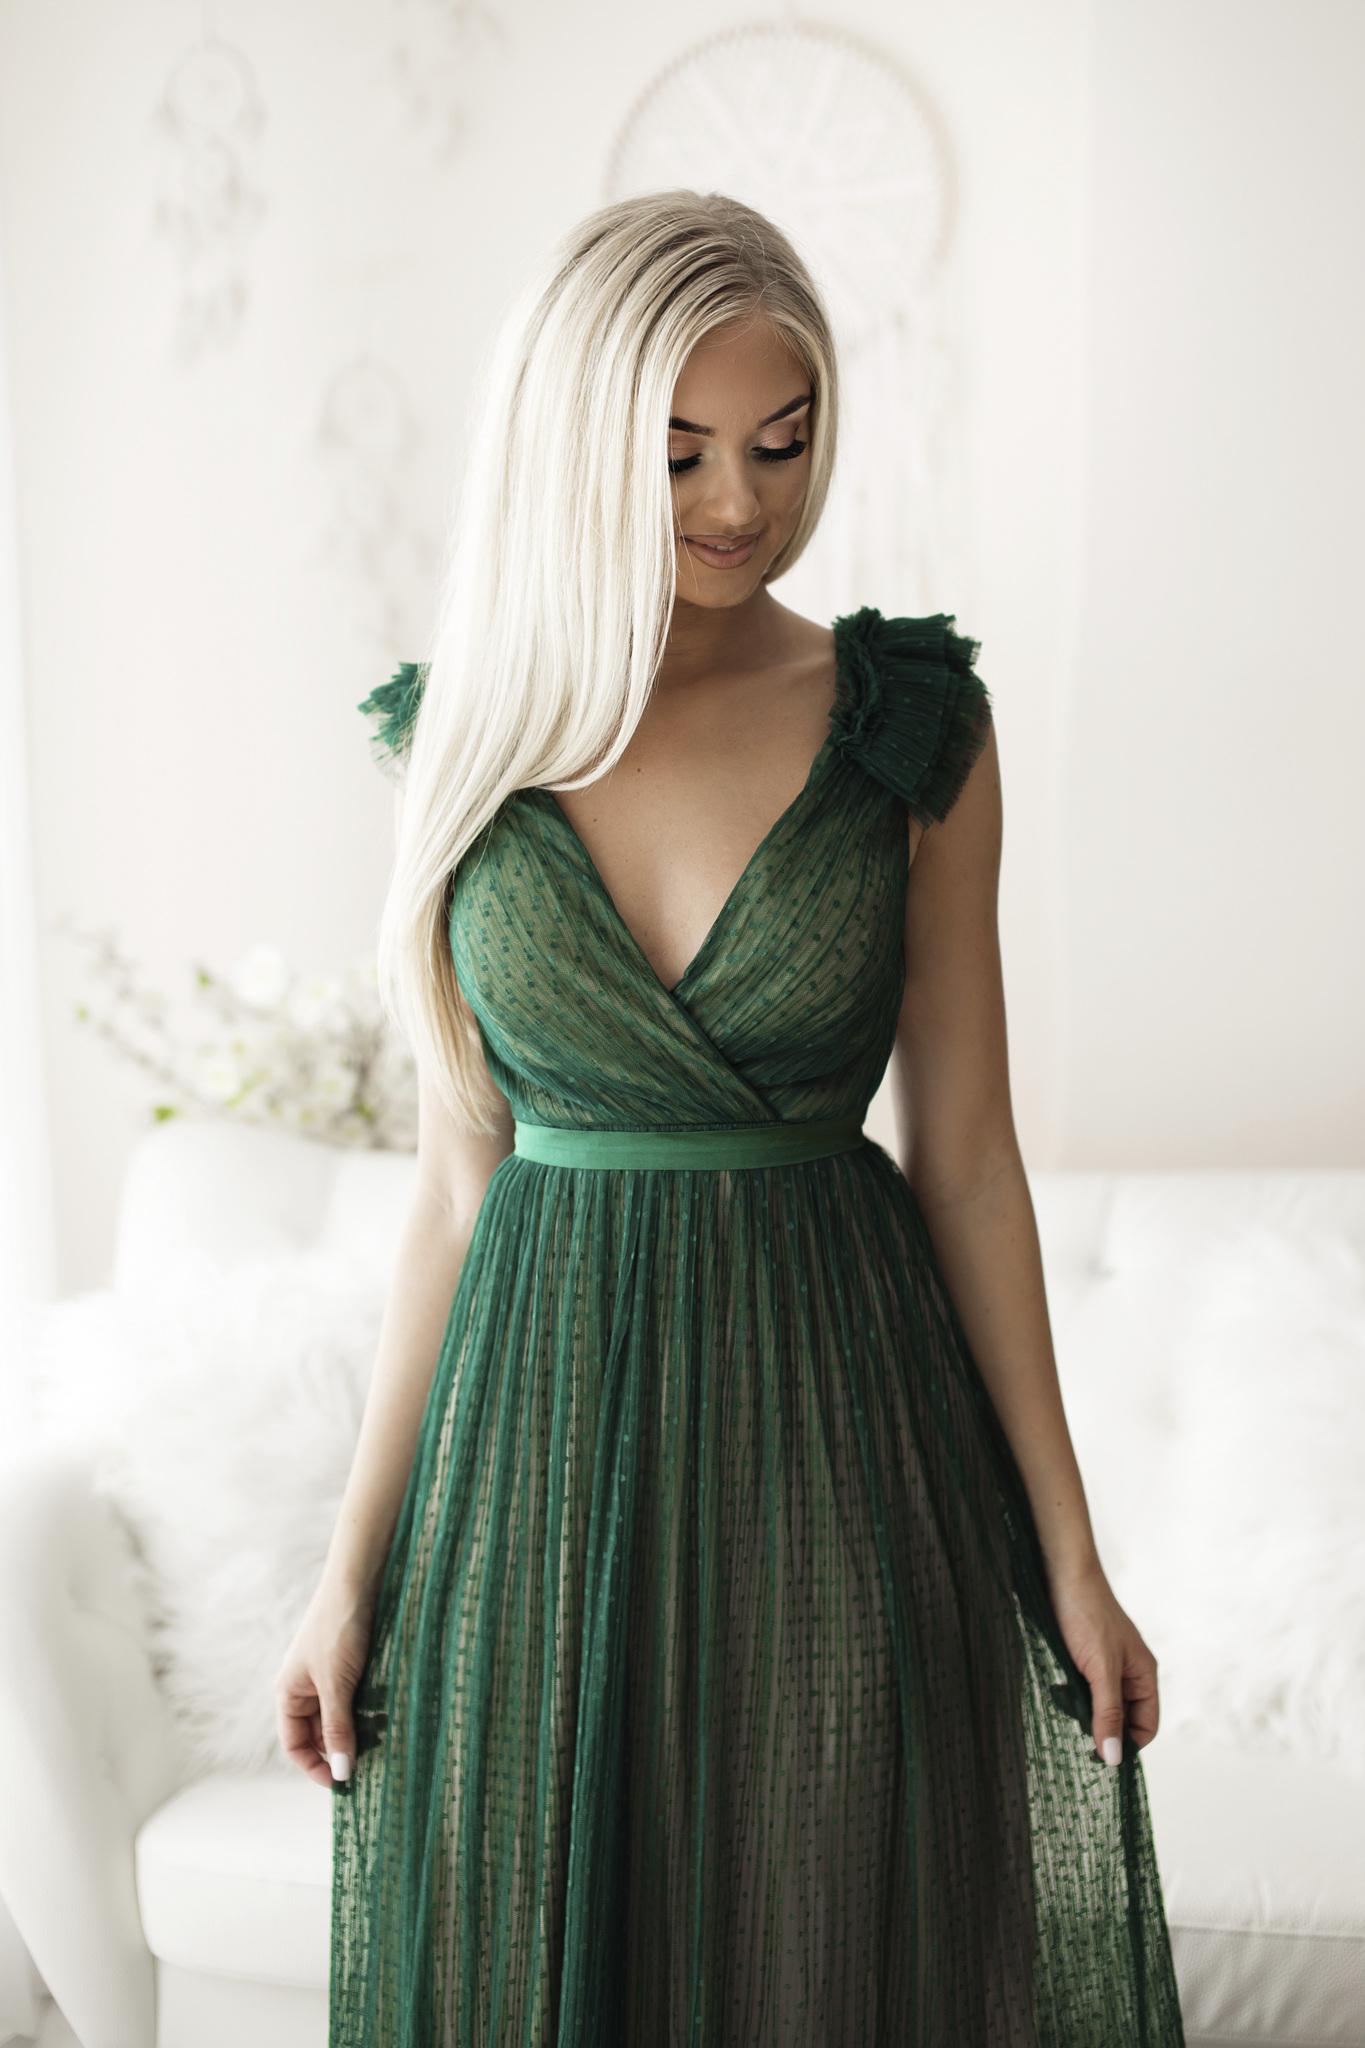 SENAT DIGNIFIED roheline kleit